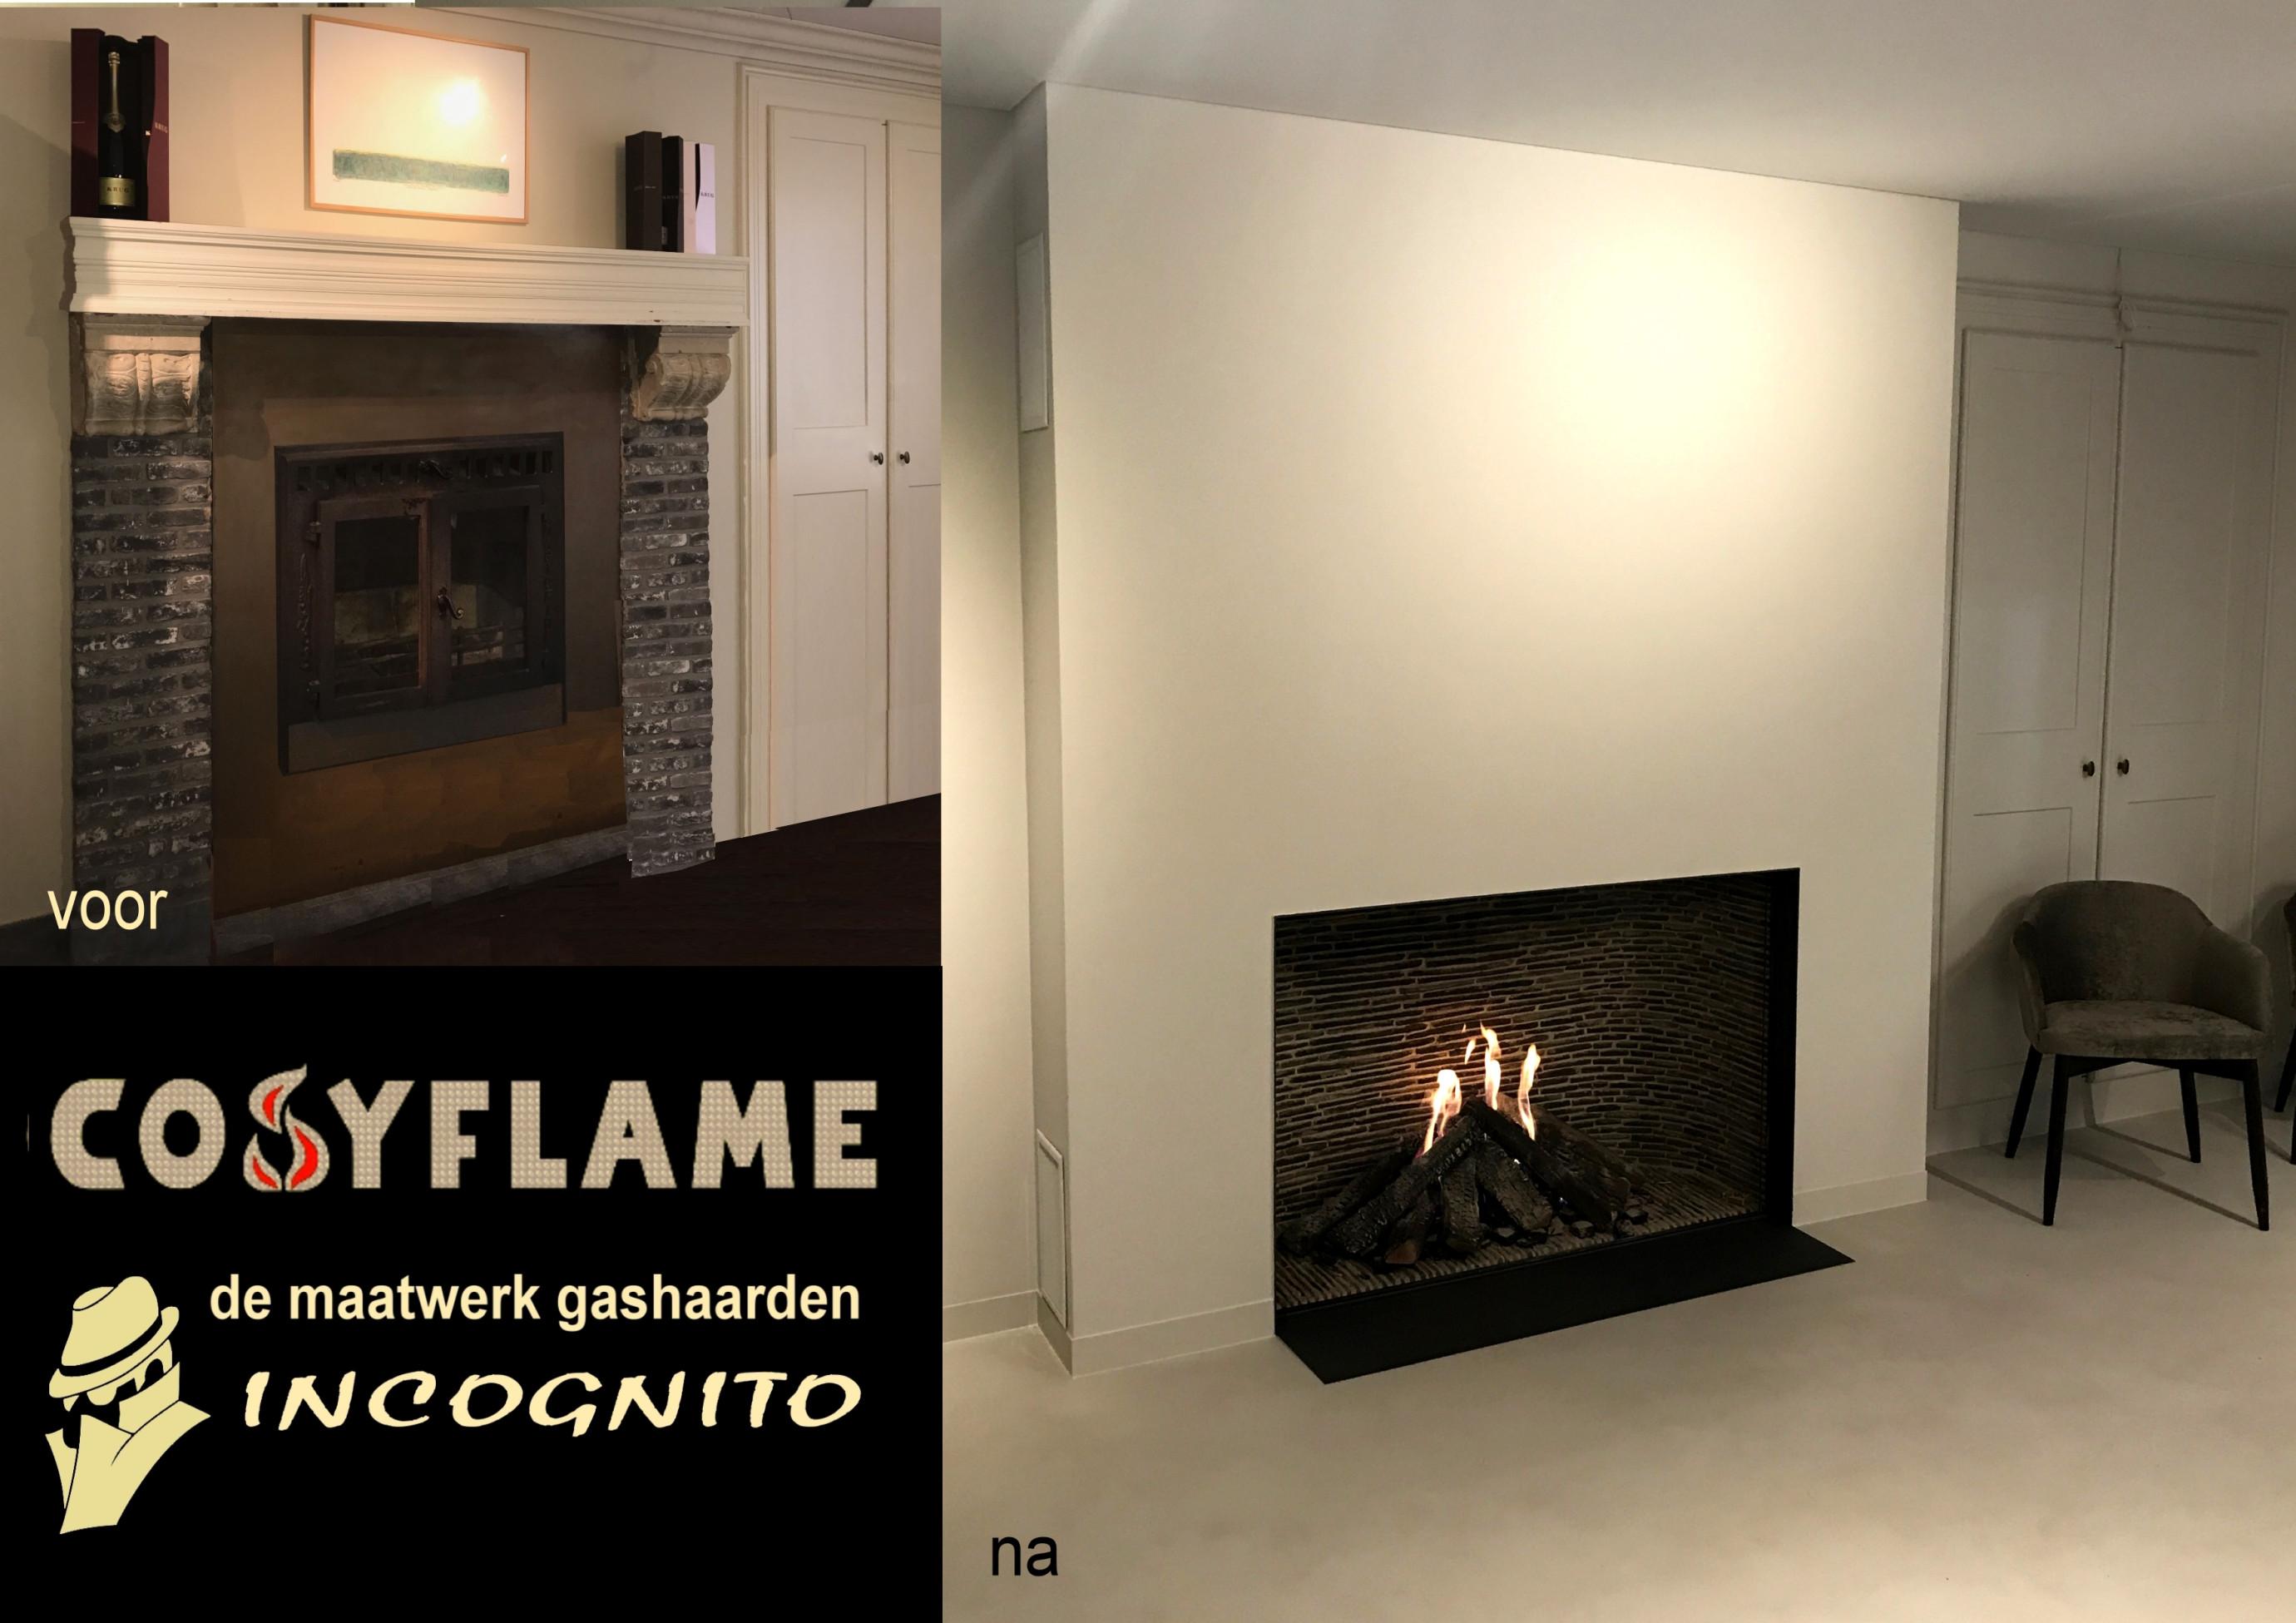 Cosyflame-2018-11-25 voor-na SP cassette strak brasseriie.jpg